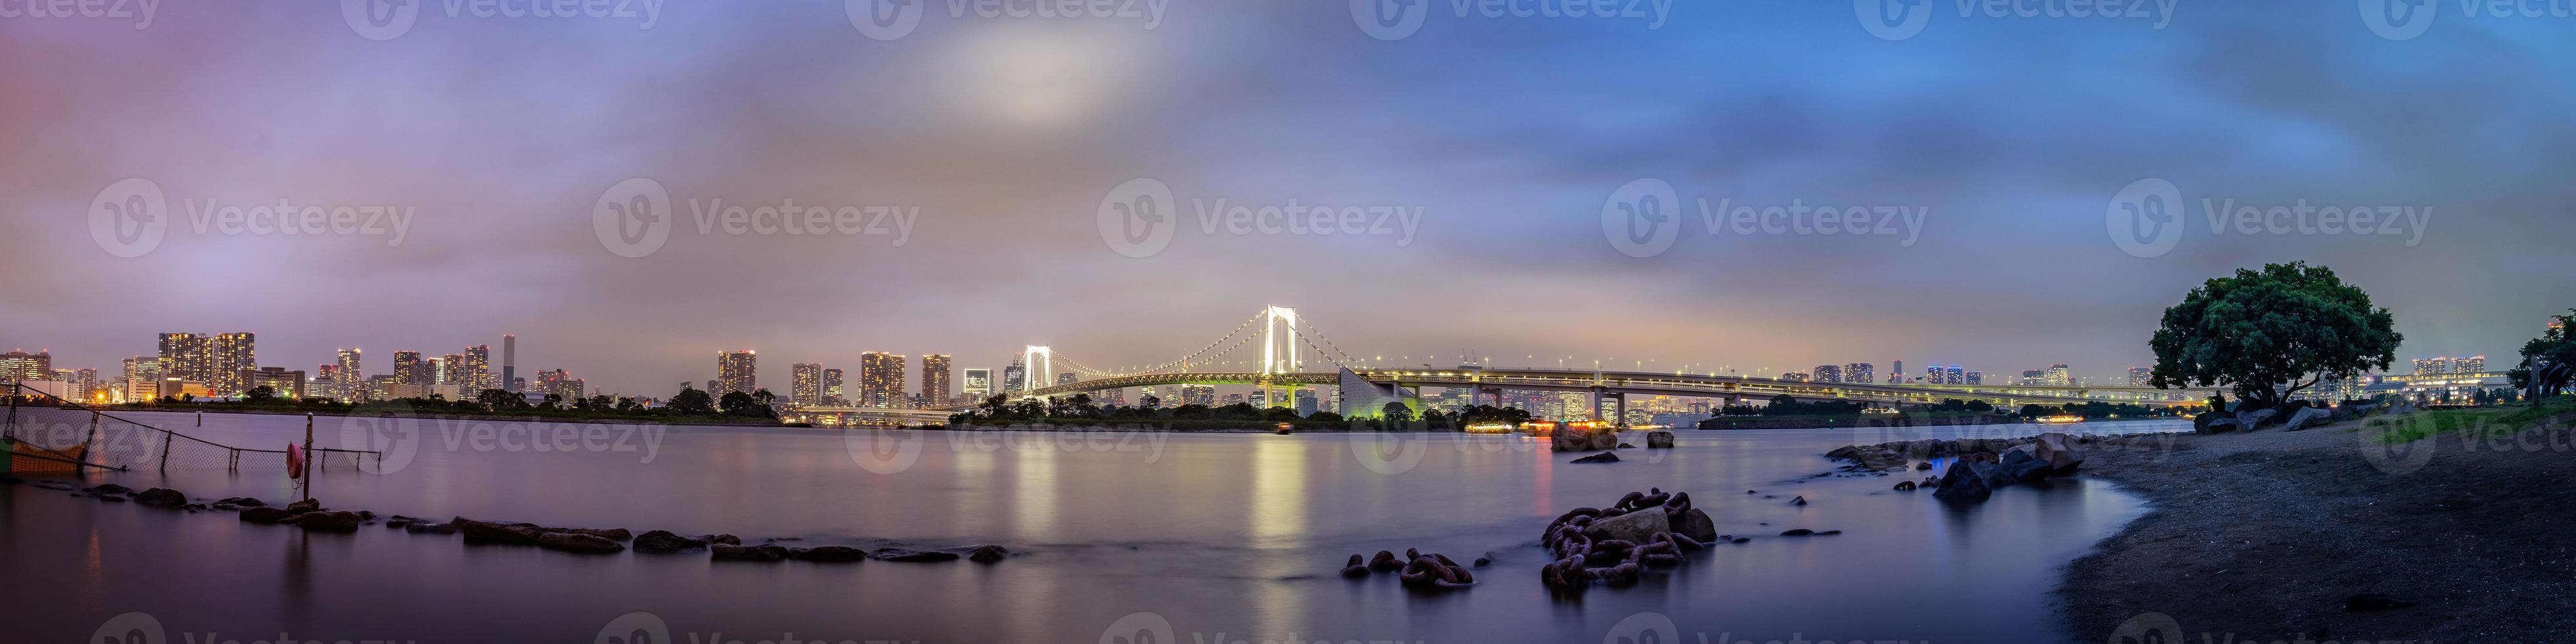 Panoramablick auf die Skyline von Tokio am Abend foto